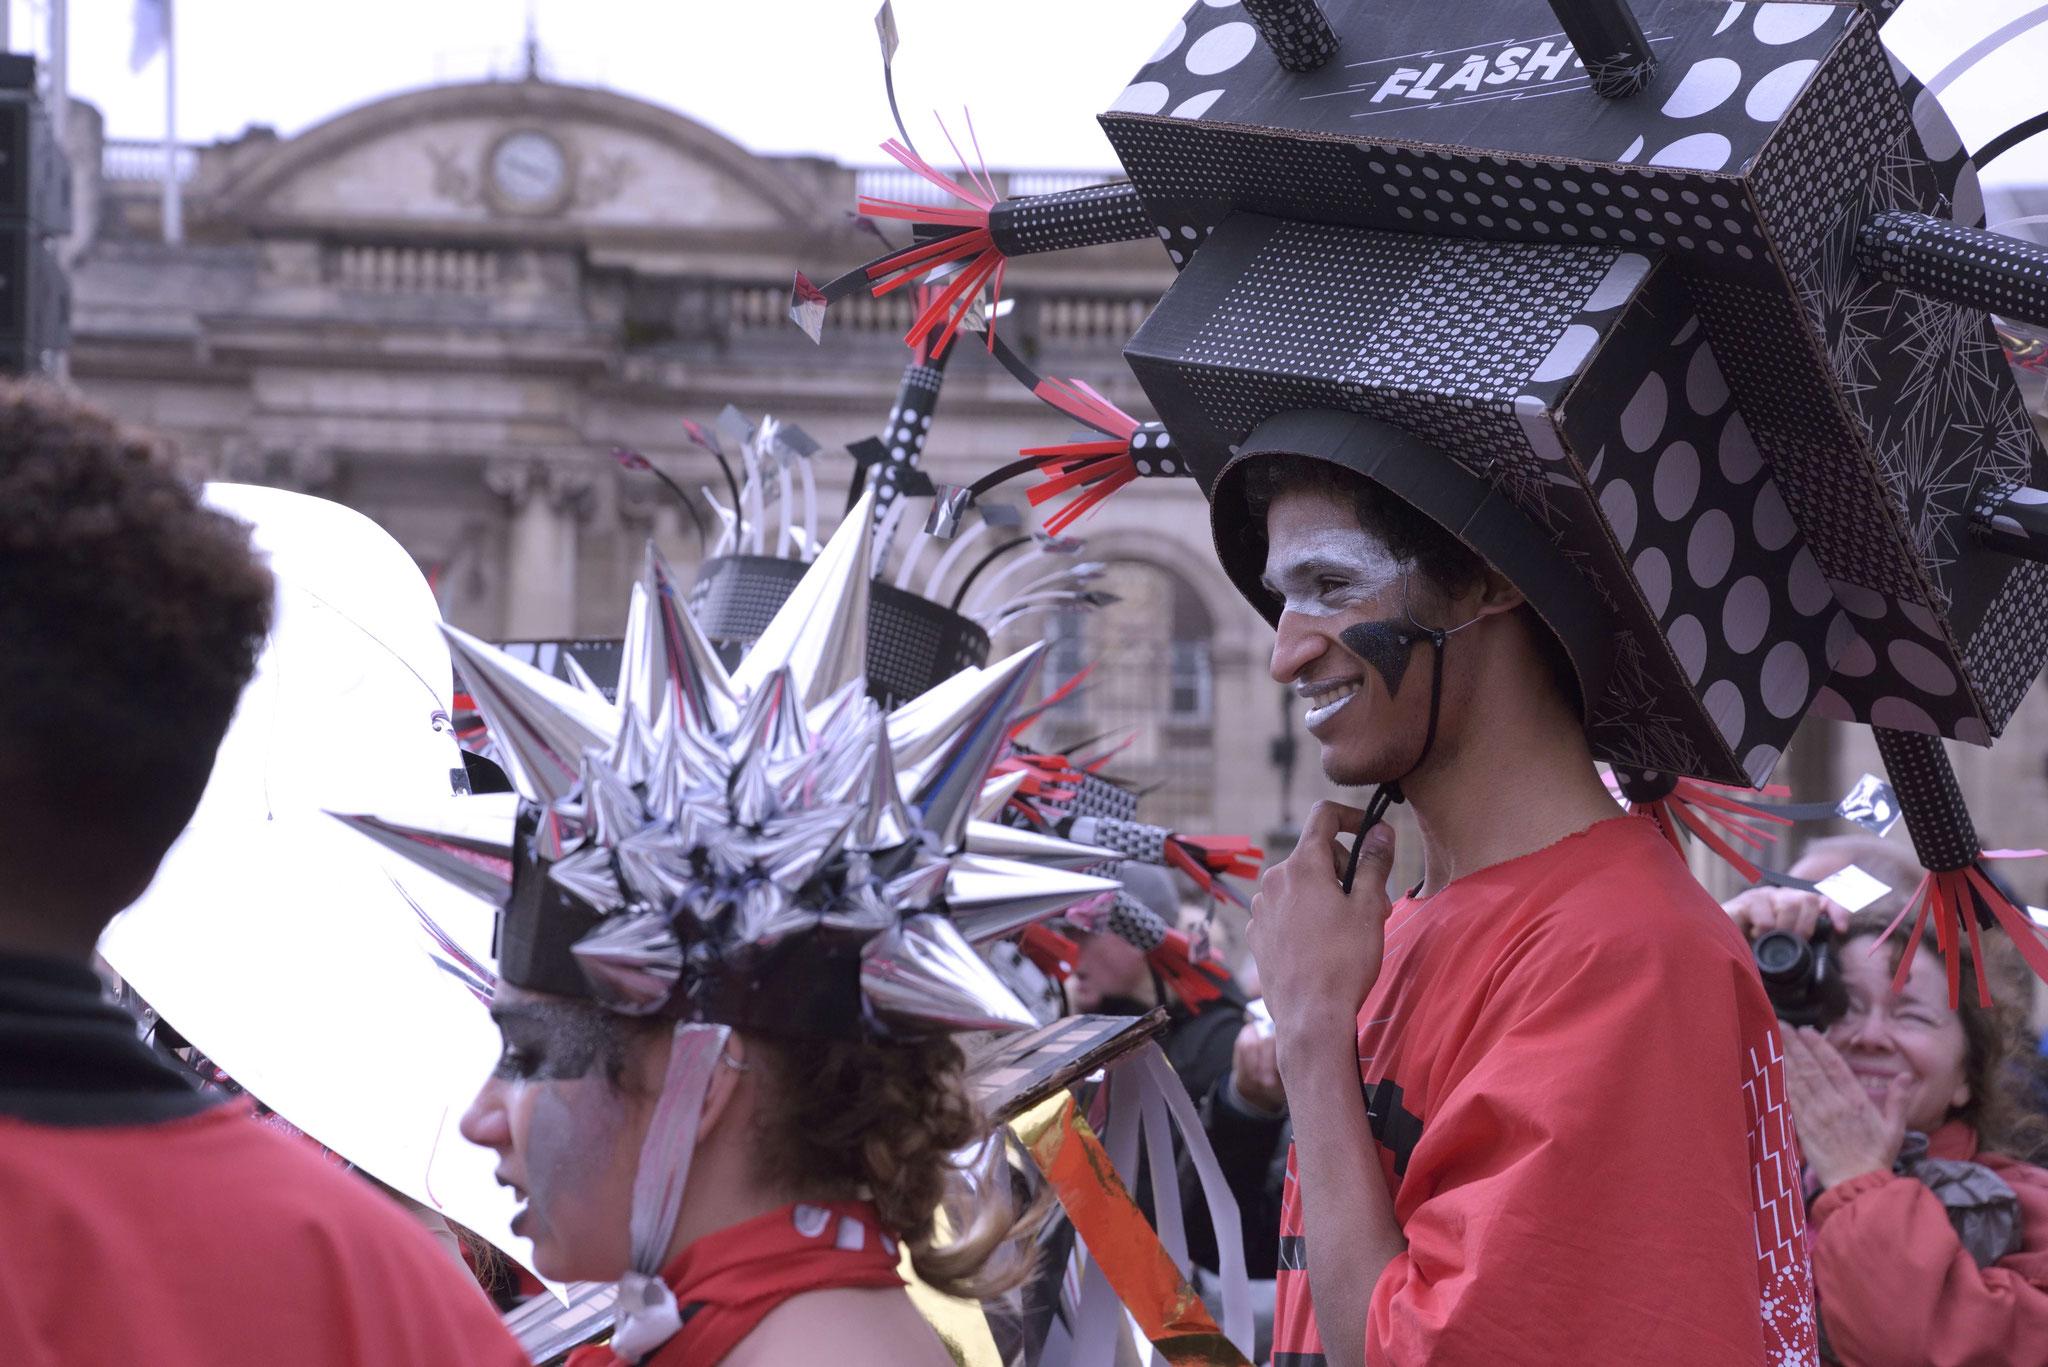 Le jour J, danses folles des chapeaux